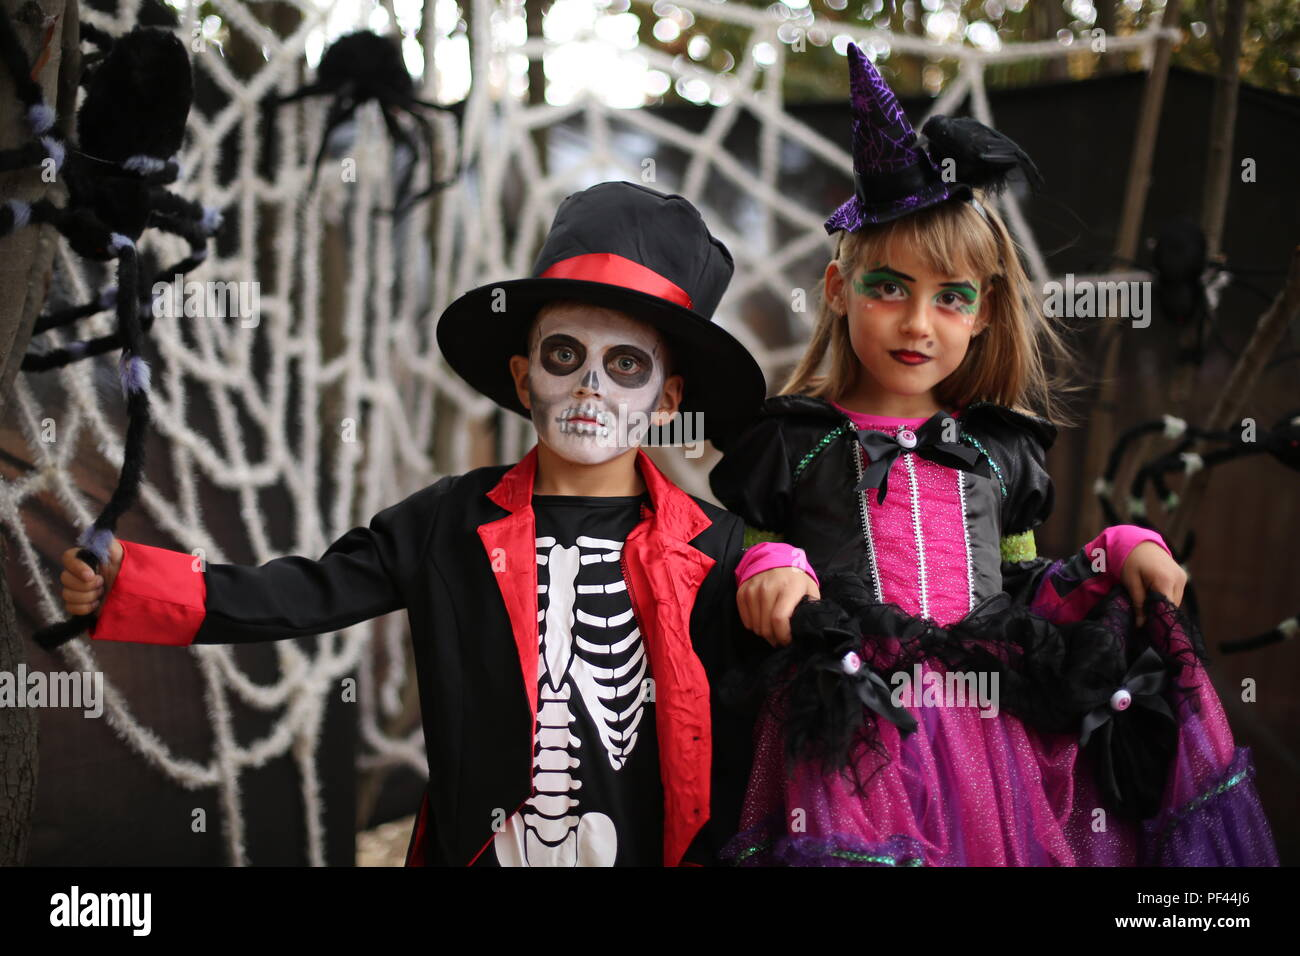 Halloween kids, Trick-or-treat. Les enfants porte costume de sorcière et squelette pour Halloween party Photo Stock